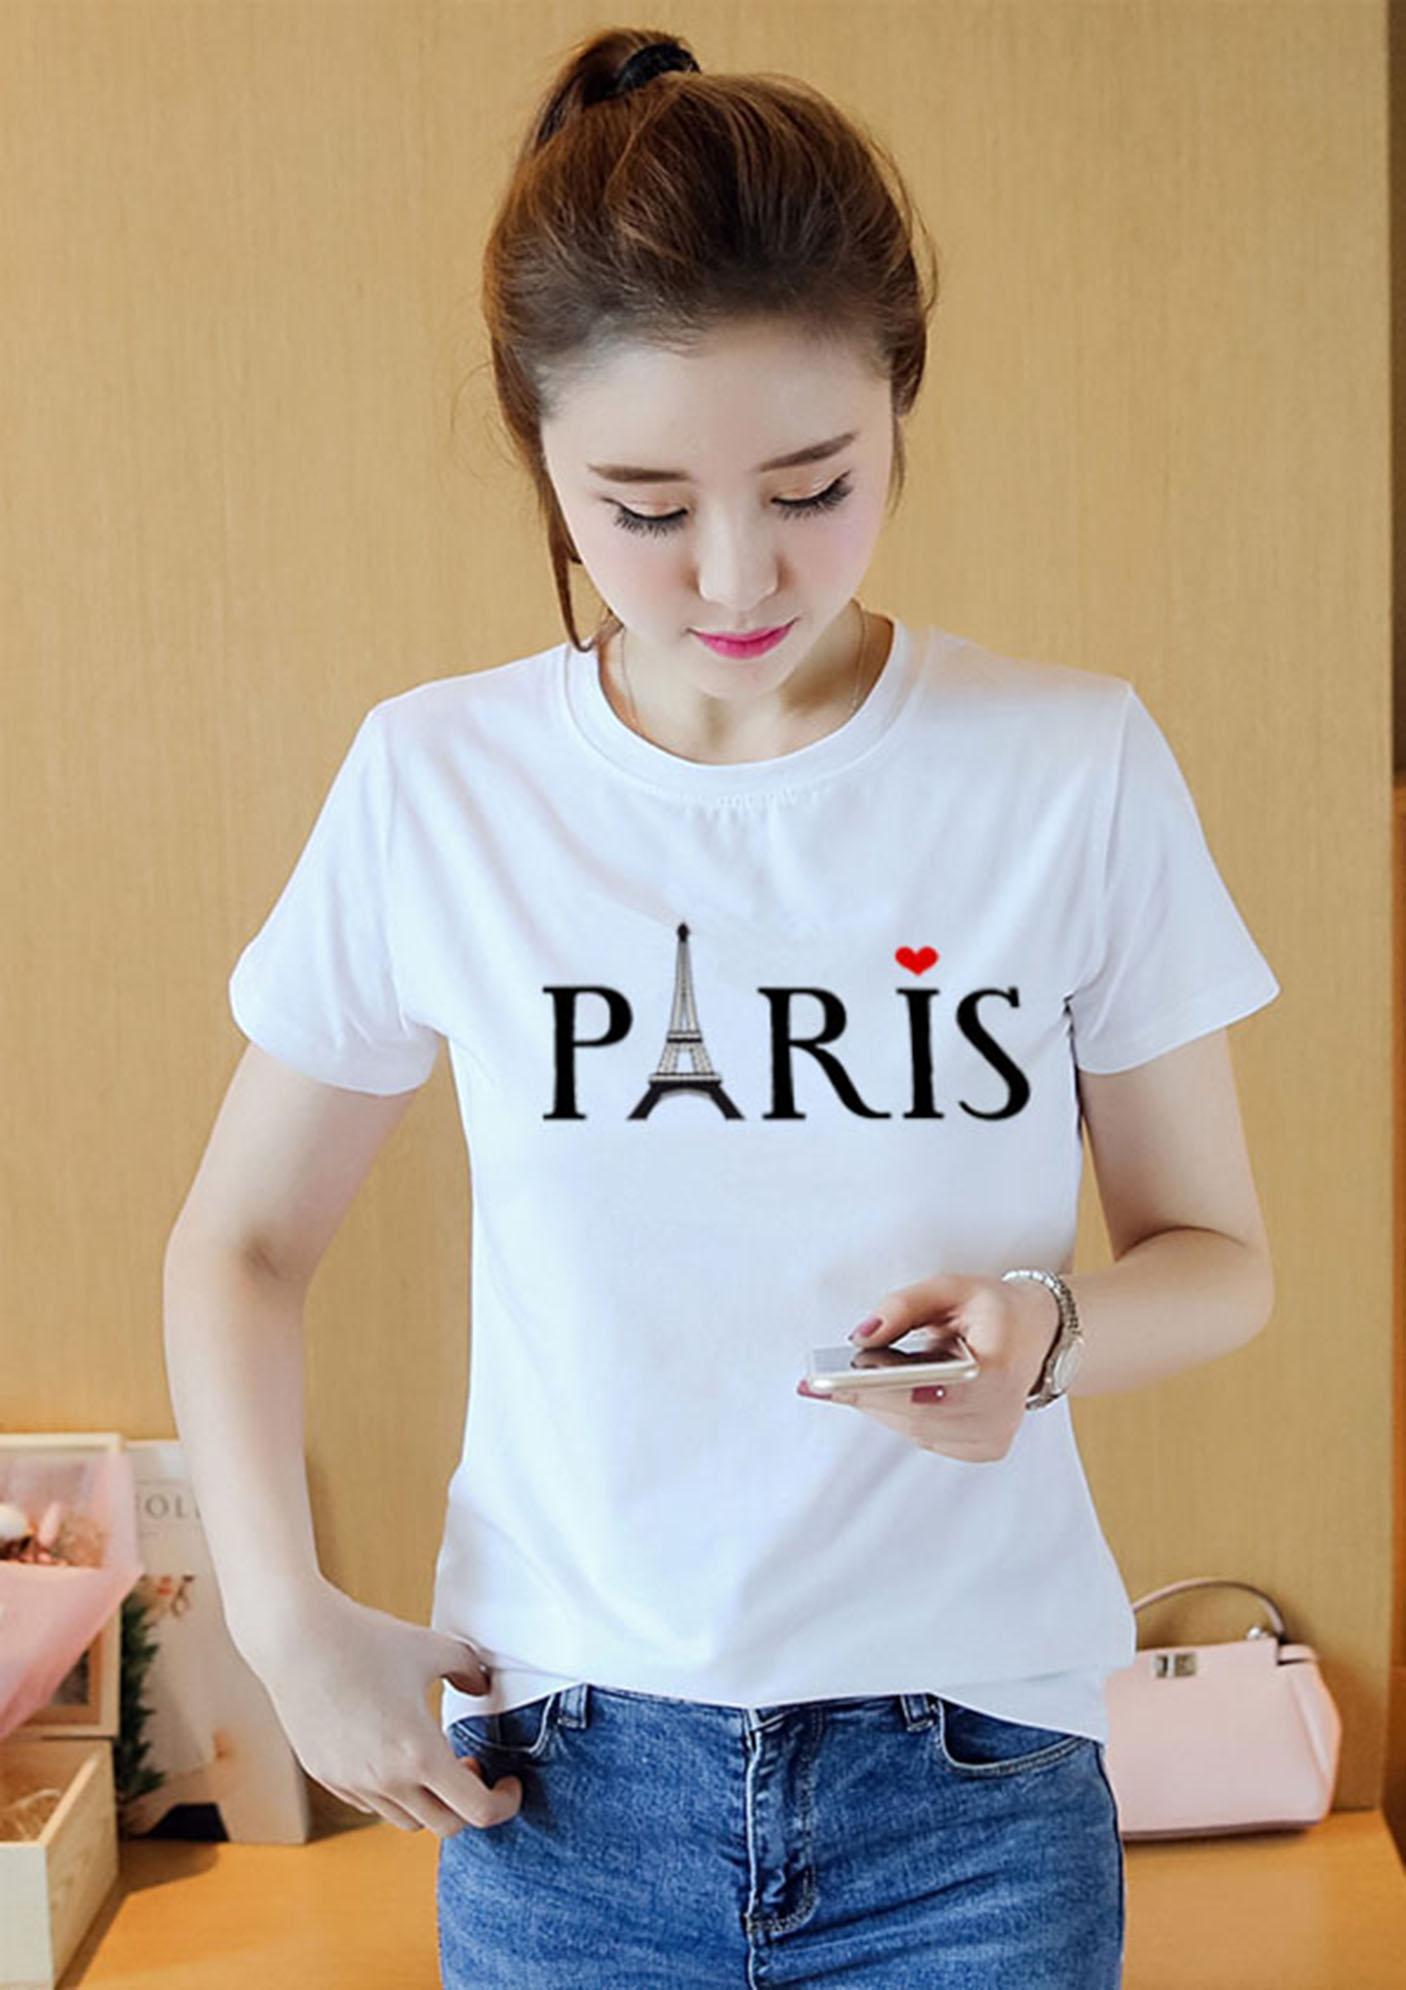 AO THUN NU PARIS ATNK325 Form Rộng HAN QUOC AoThun102